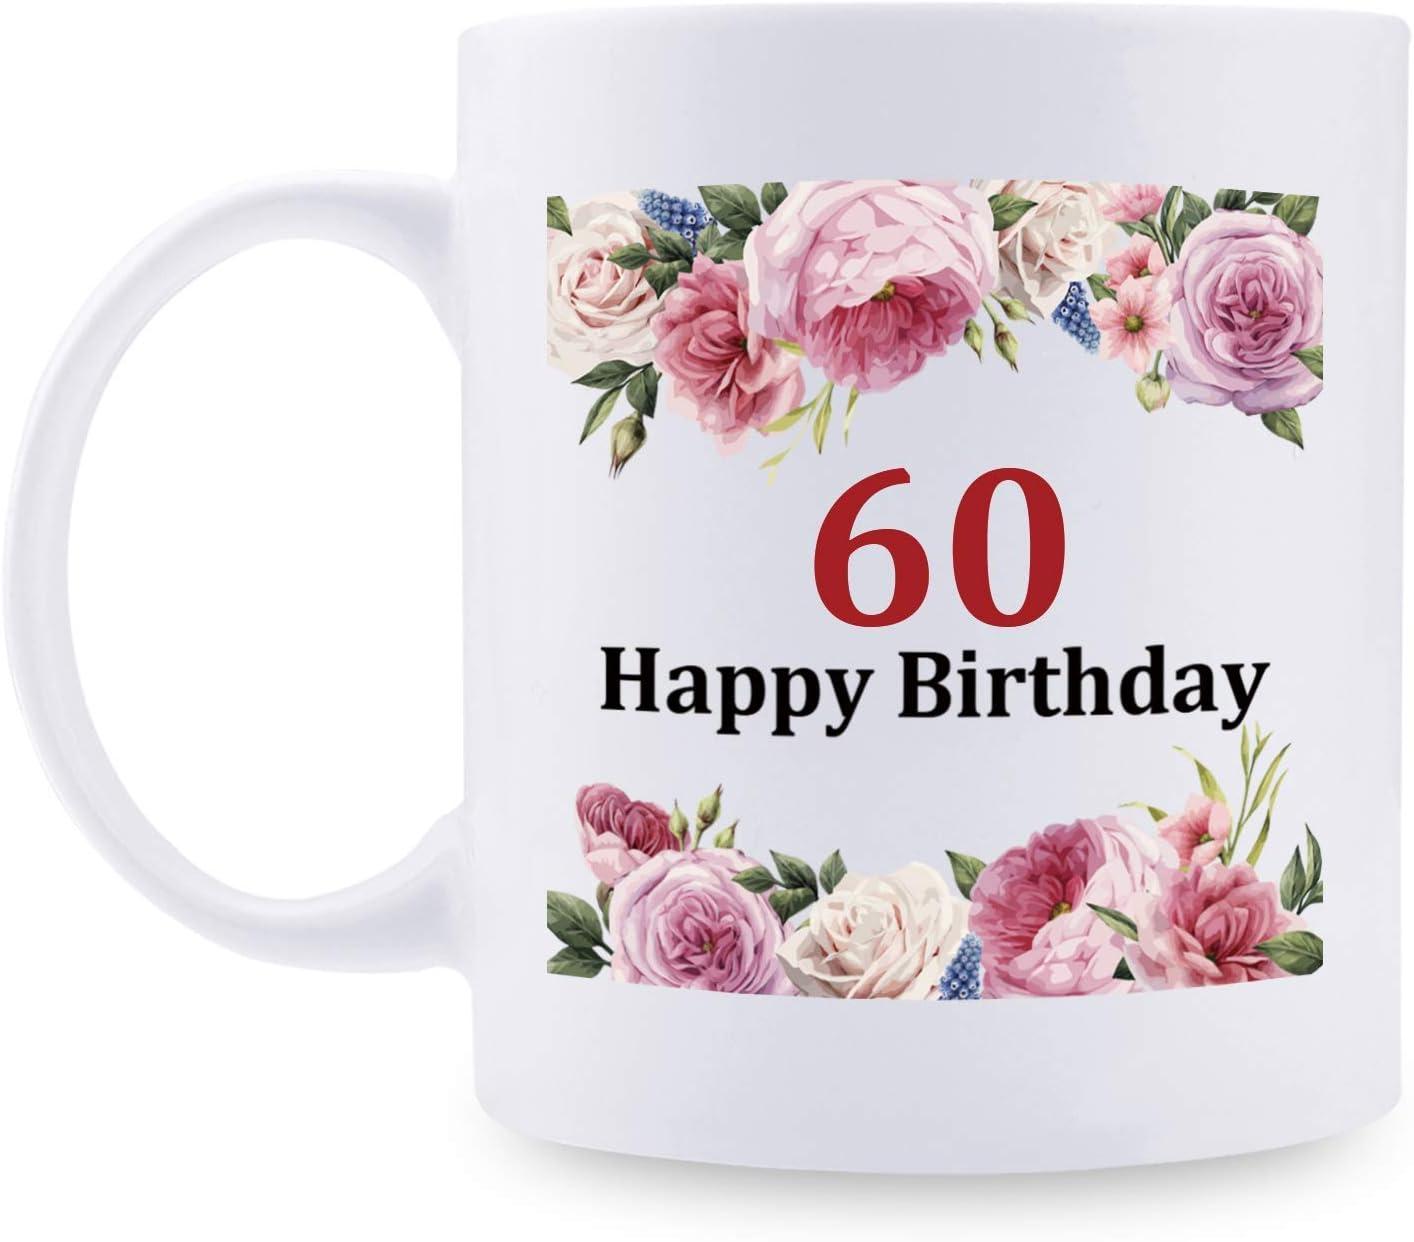 60th Birthday Gifts for Women - 1960 Birthday Gifts for Women, 60 Years Old Birthday Gifts Taza de café para mamá, esposa, amiga, hermana, ella, colega, compañera de trabajo - Taza de flores, feliz cu